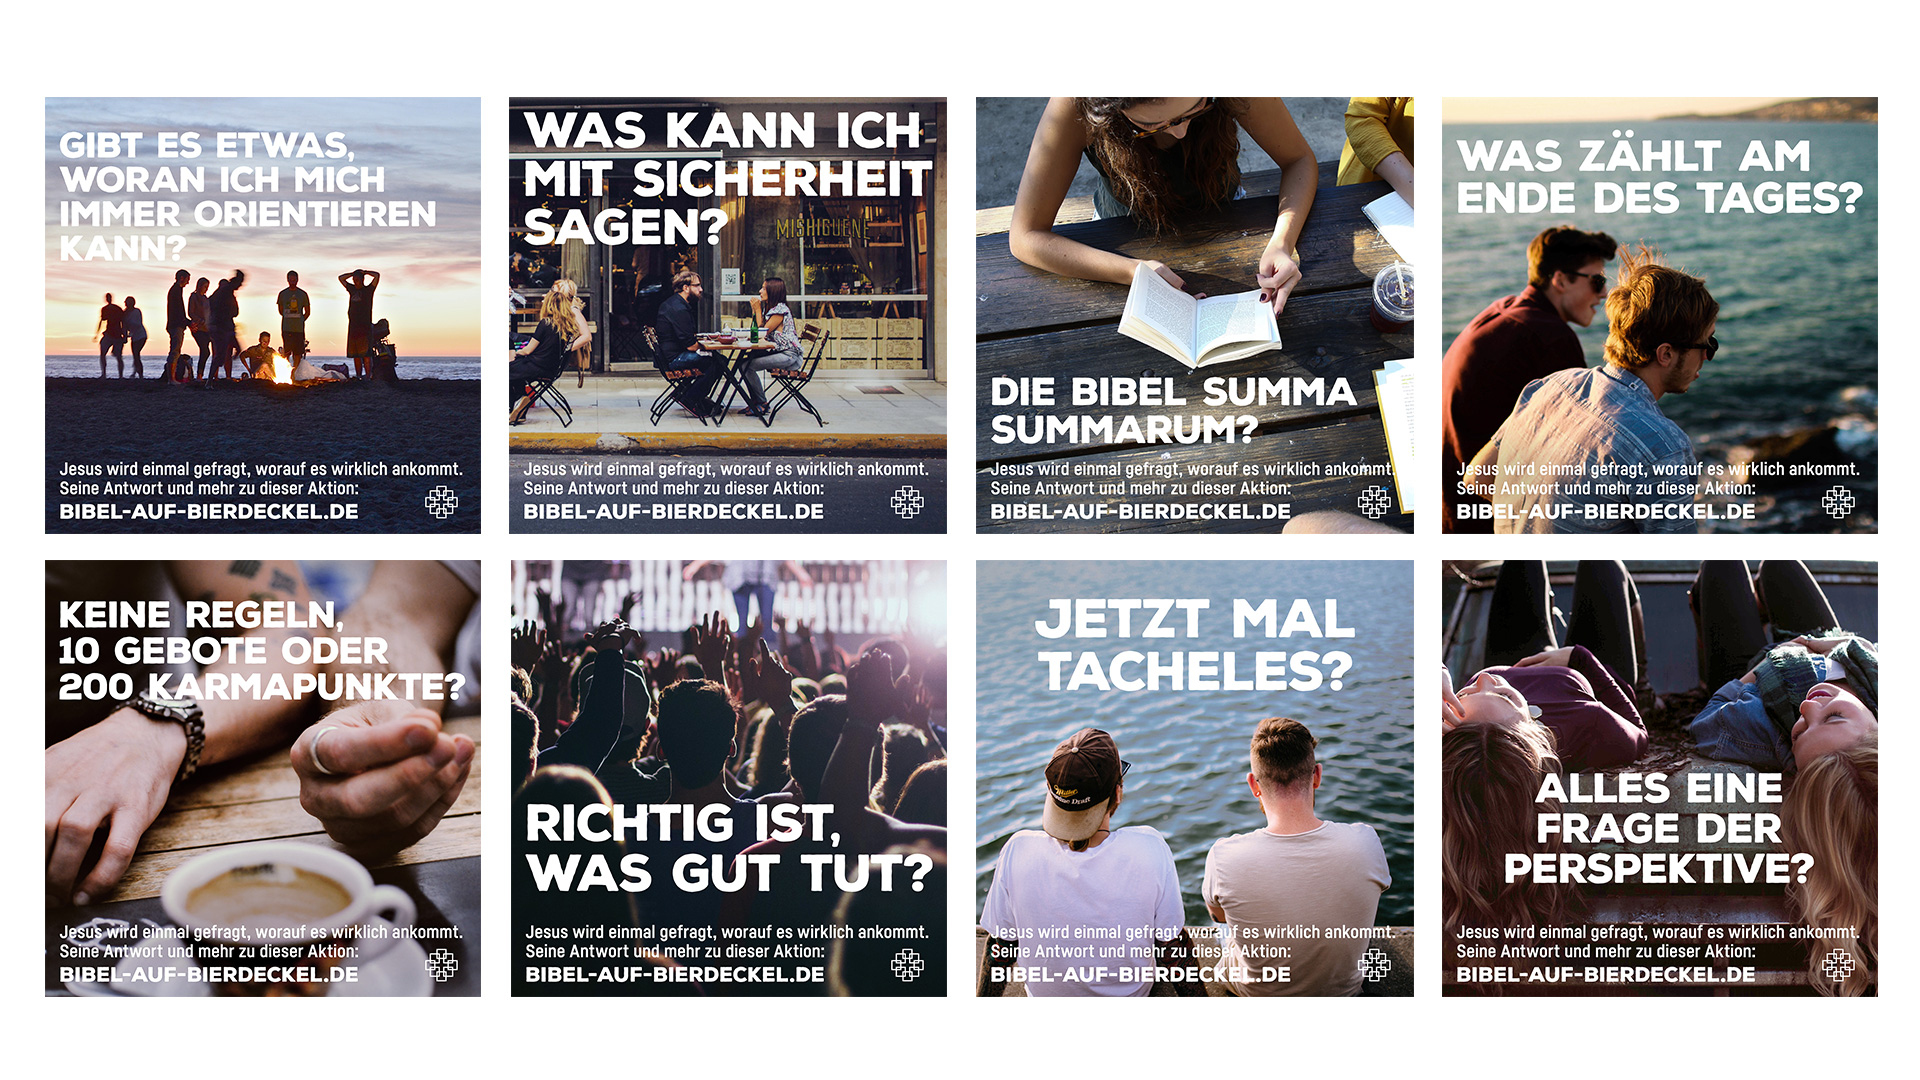 EKHN Impulspost Bibel auf Bierdeckel ©gobasil GmbH ~ Agentur für Kommunikation, Hamburg Hannover